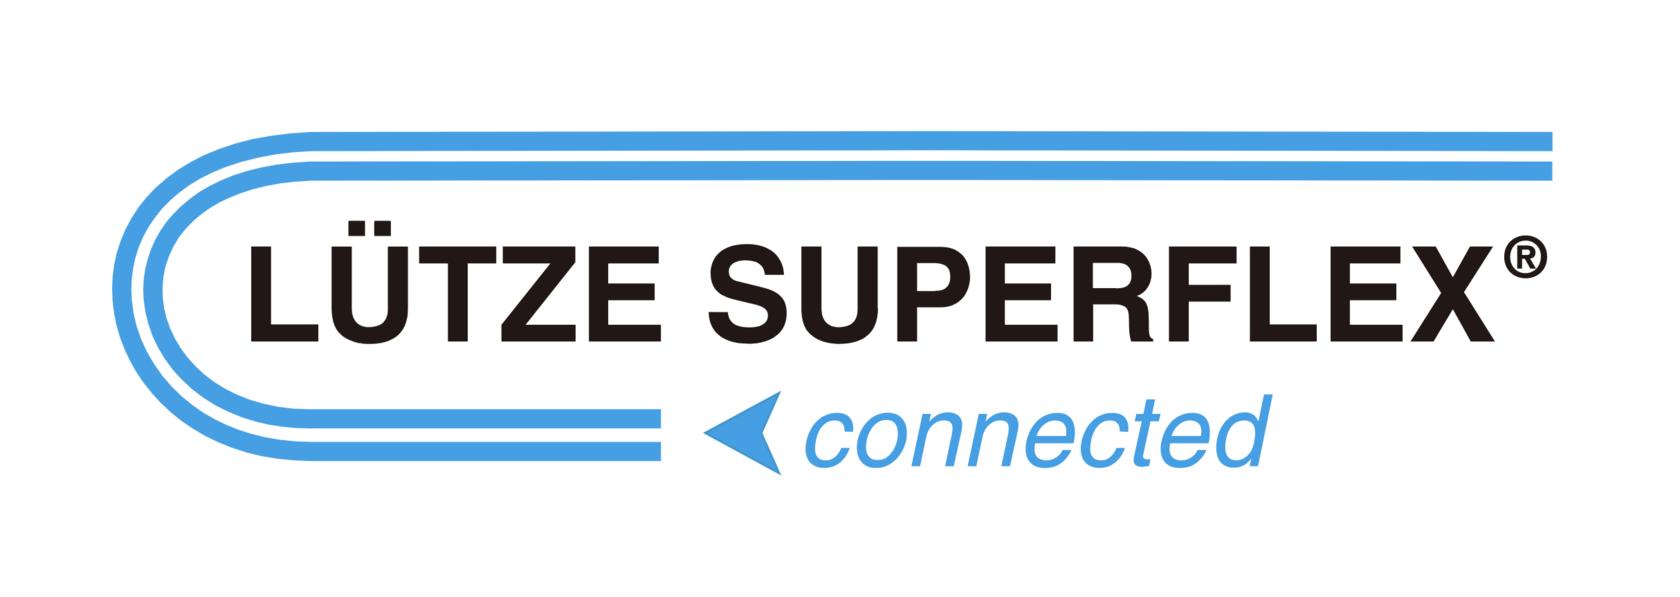 LUTZE SUPERFLEX connected logo